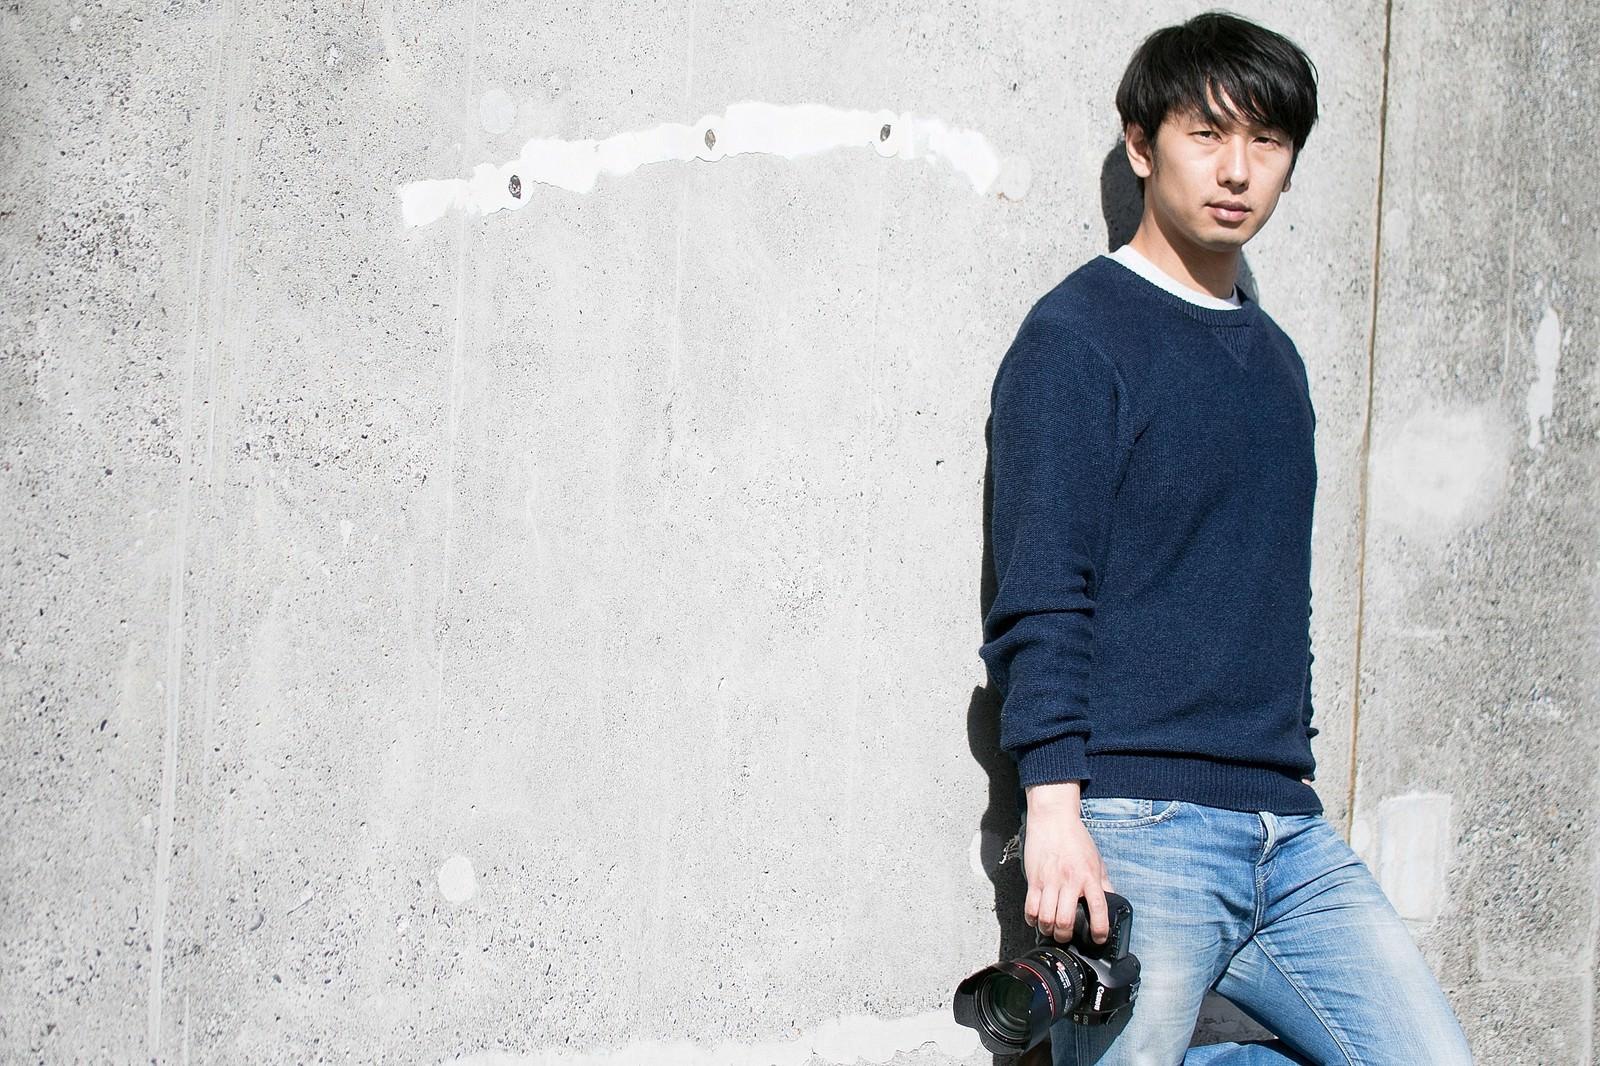 「撮影チャンスを伺うイケてるカメラ男子」の写真[モデル:大川竜弥]